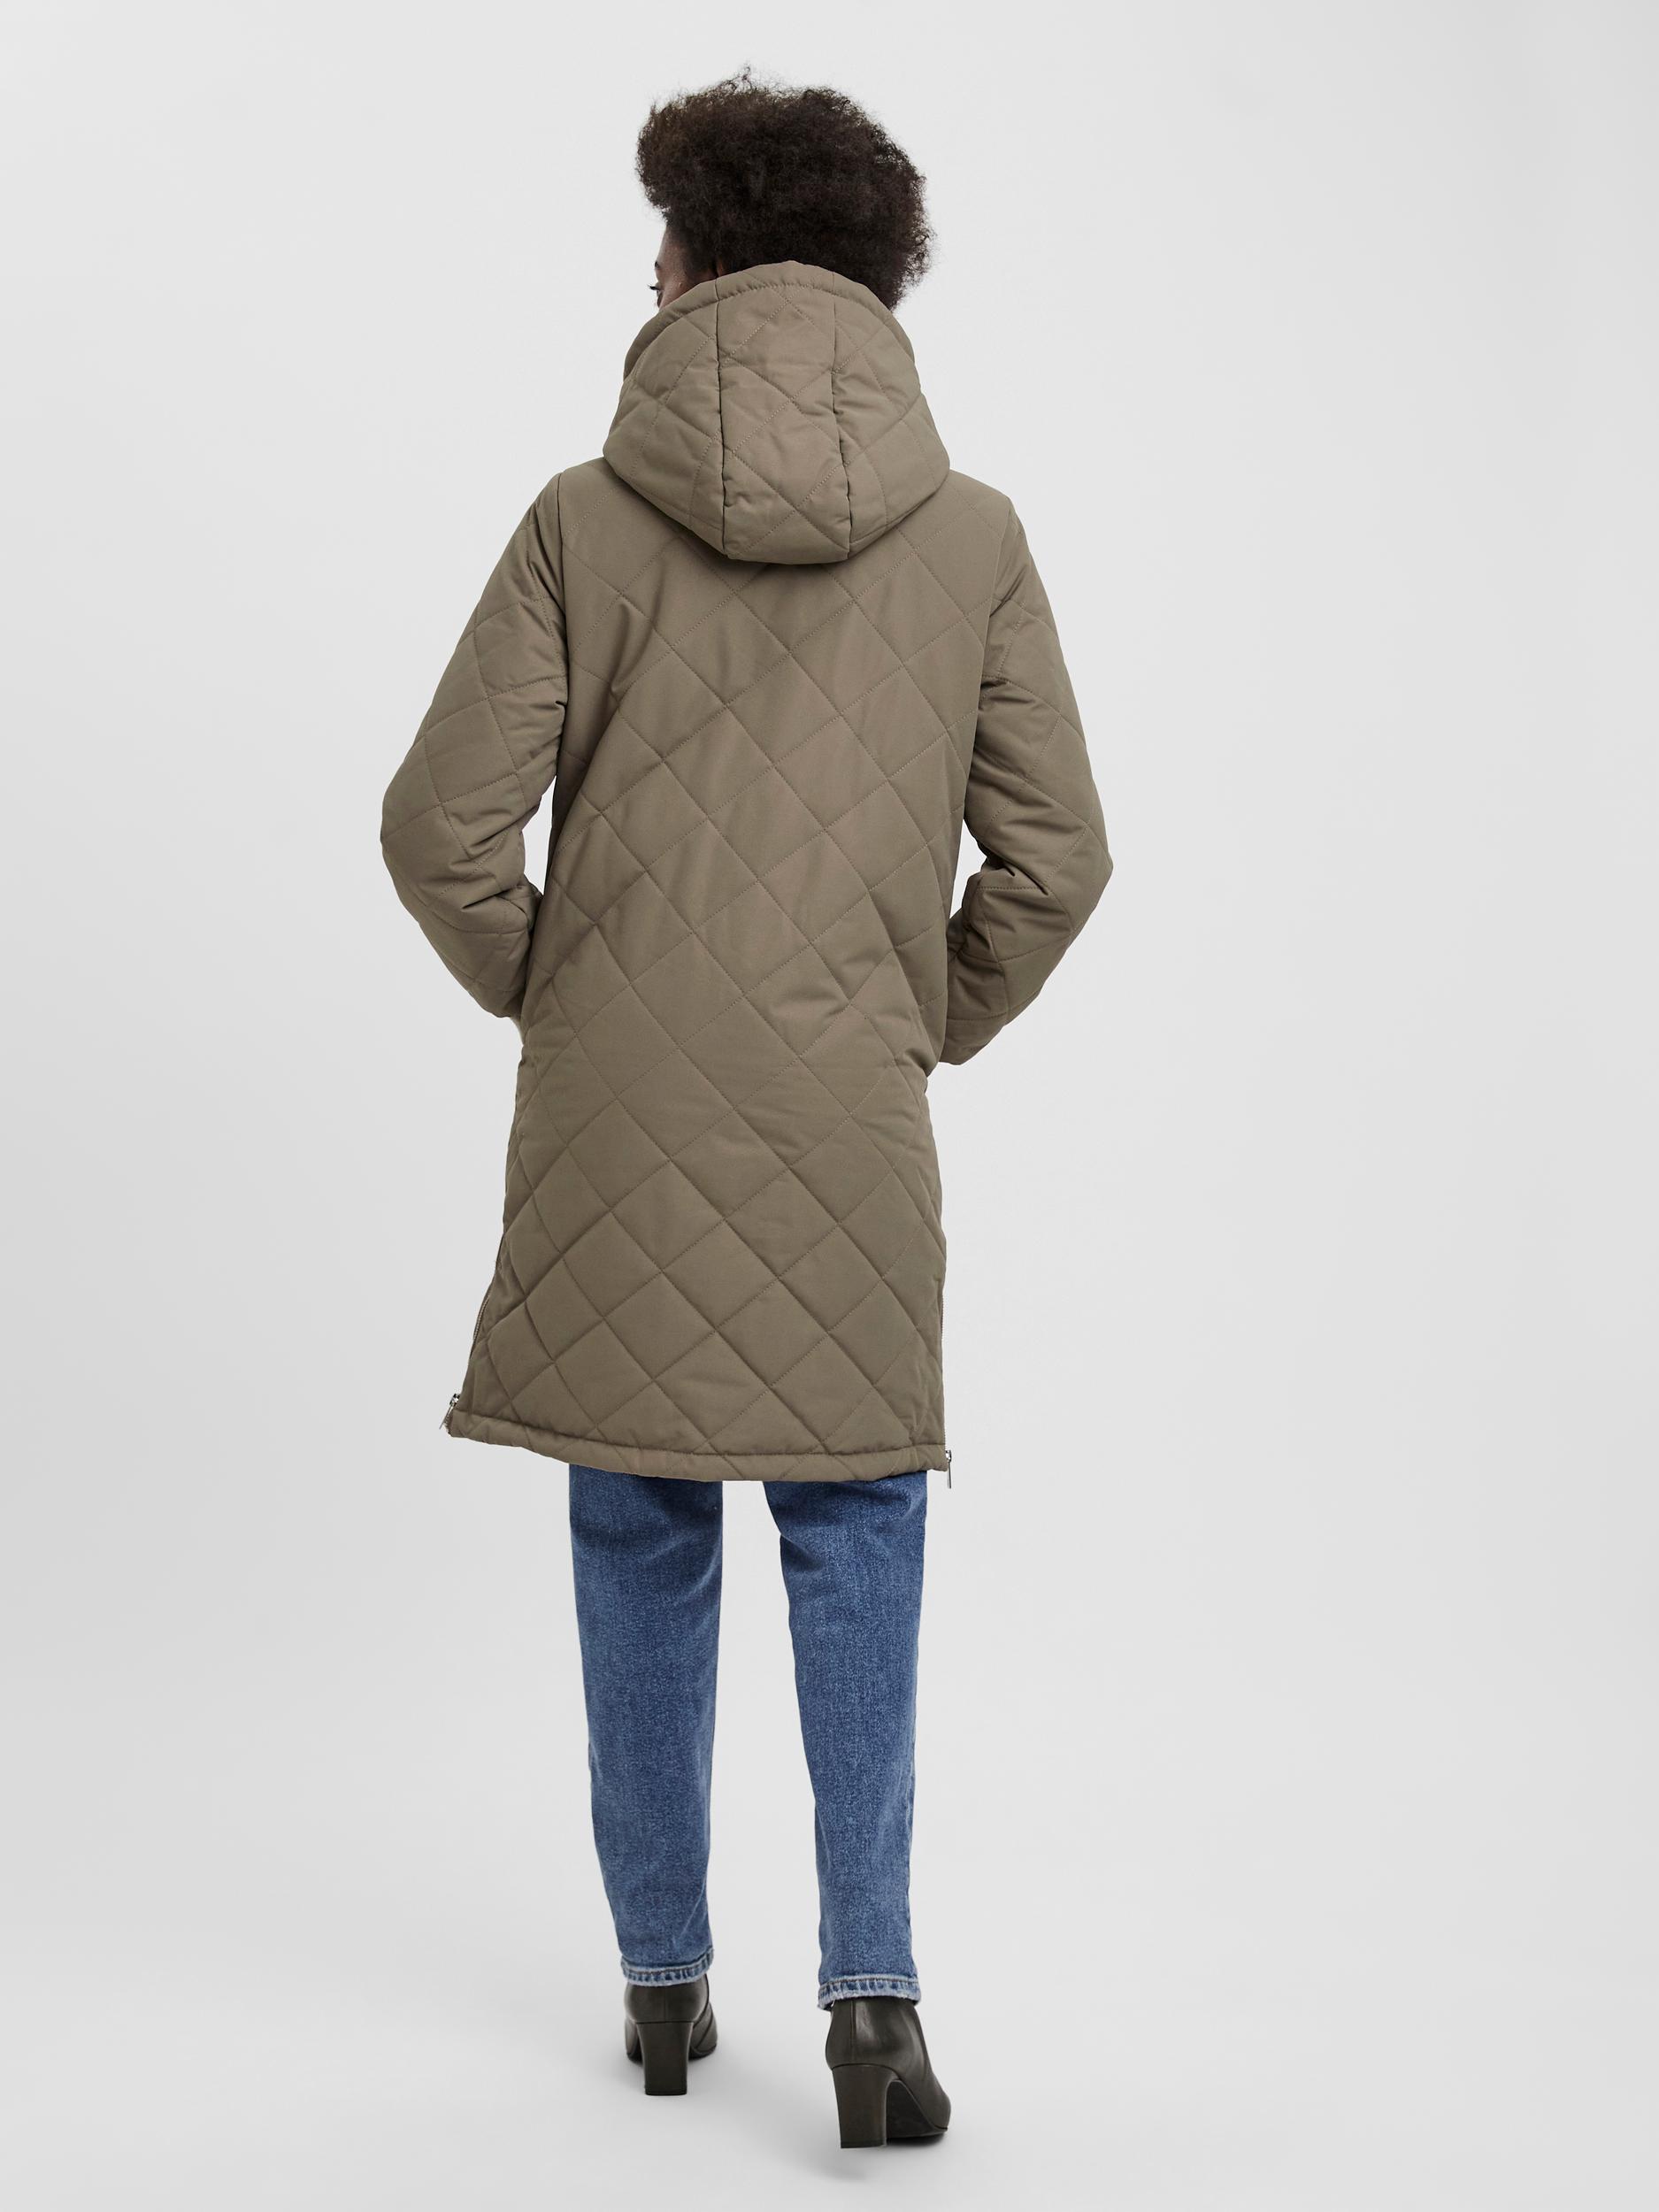 Vero Moda Louise Jakke, Bungee Cord, S